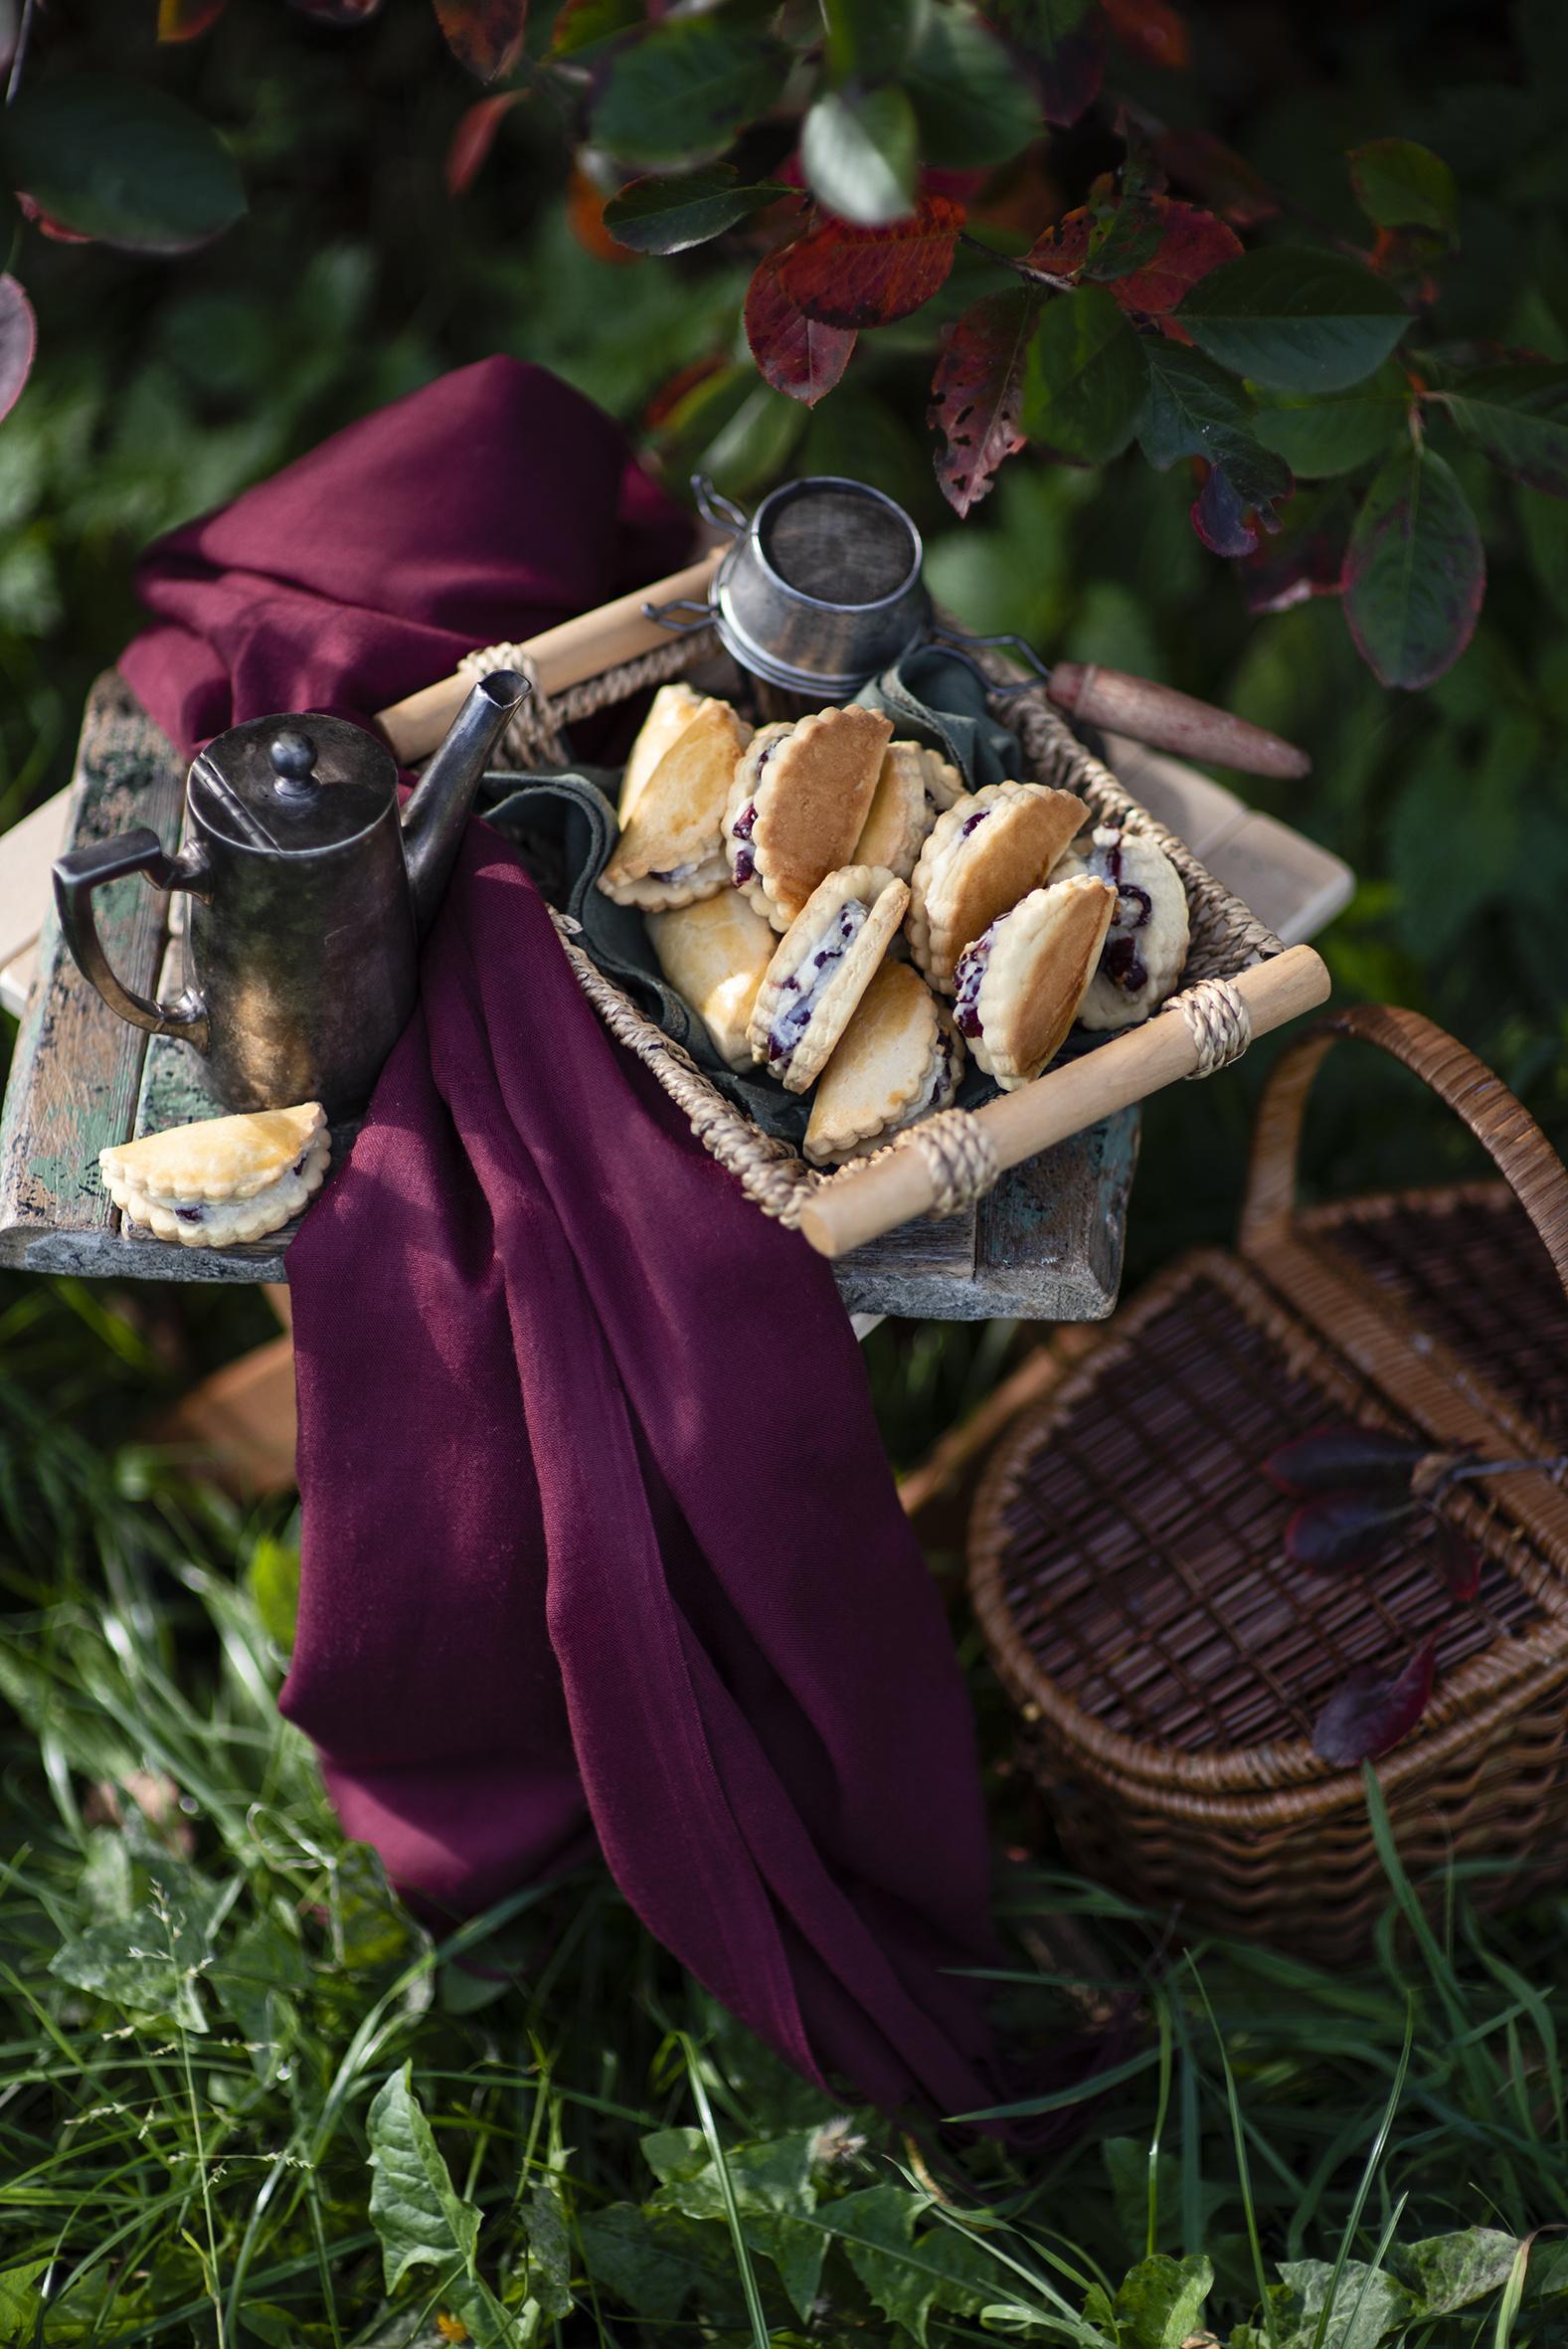 Фото Чайник Корзина Еда Выпечка Натюрморт  для мобильного телефона корзины Корзинка Пища Продукты питания